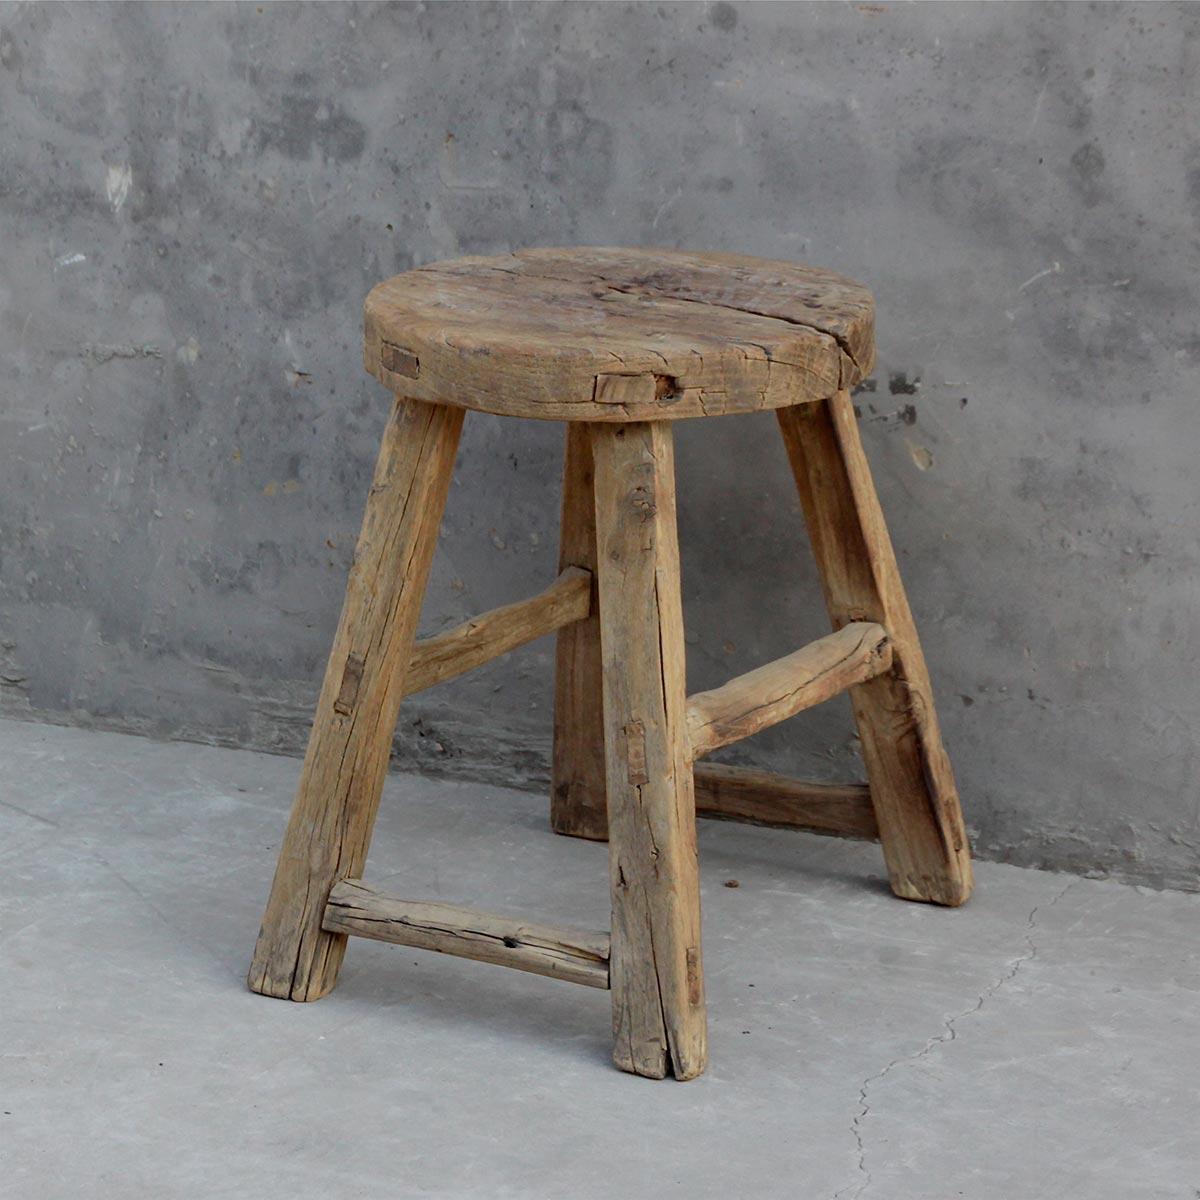 Restauracion y decoracion de madera taburetes antiguos o for Taburetes de madera